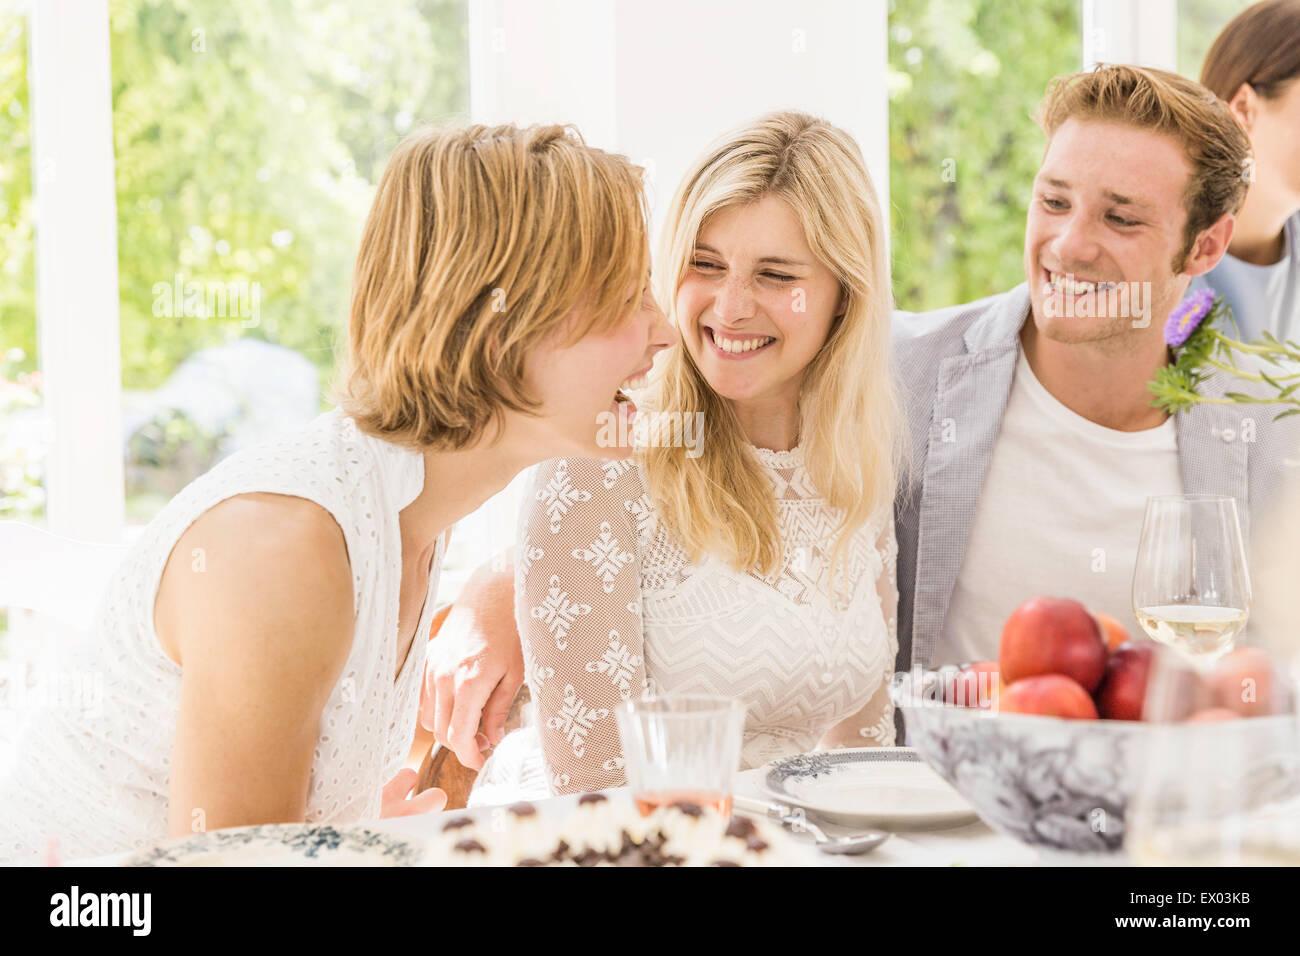 Famiglia adulti ridendo e spettegolare alla festa di compleanno Immagini Stock